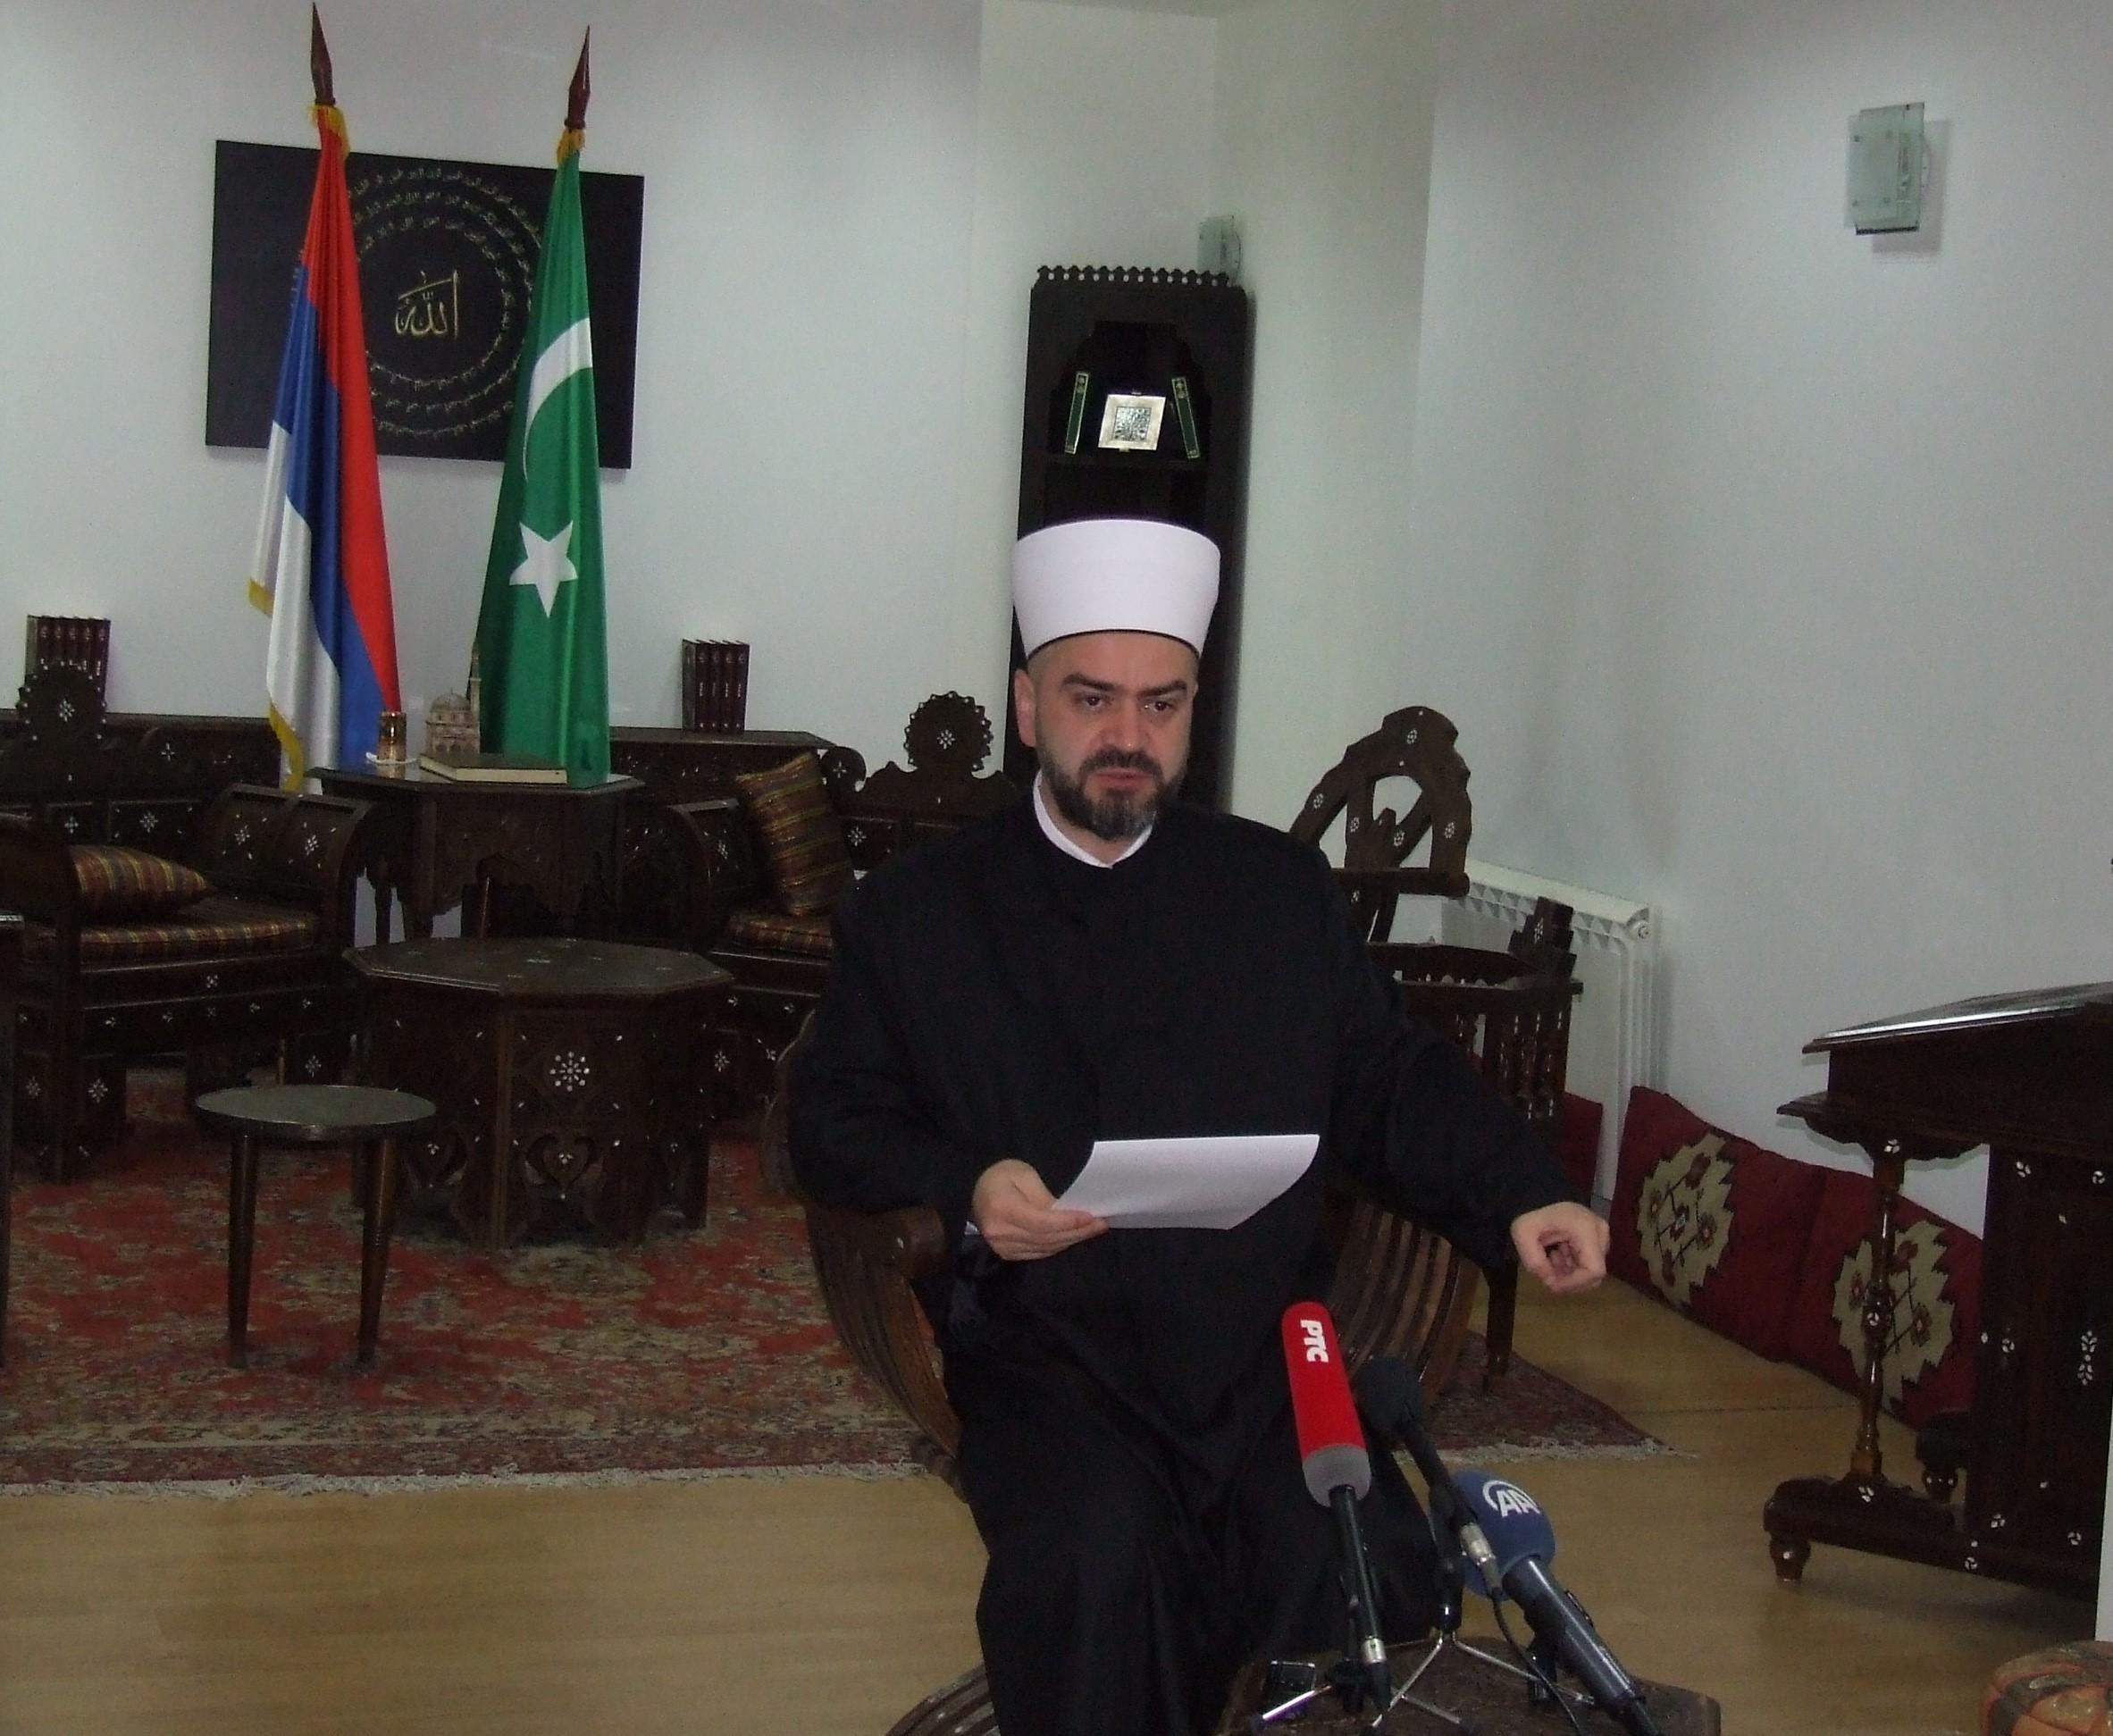 BAJRAMSKA KONFERENCIJA ZA MEDIJE REISU-L-ULEME ISLAMSKE ZAJEDNICE SRBIJE